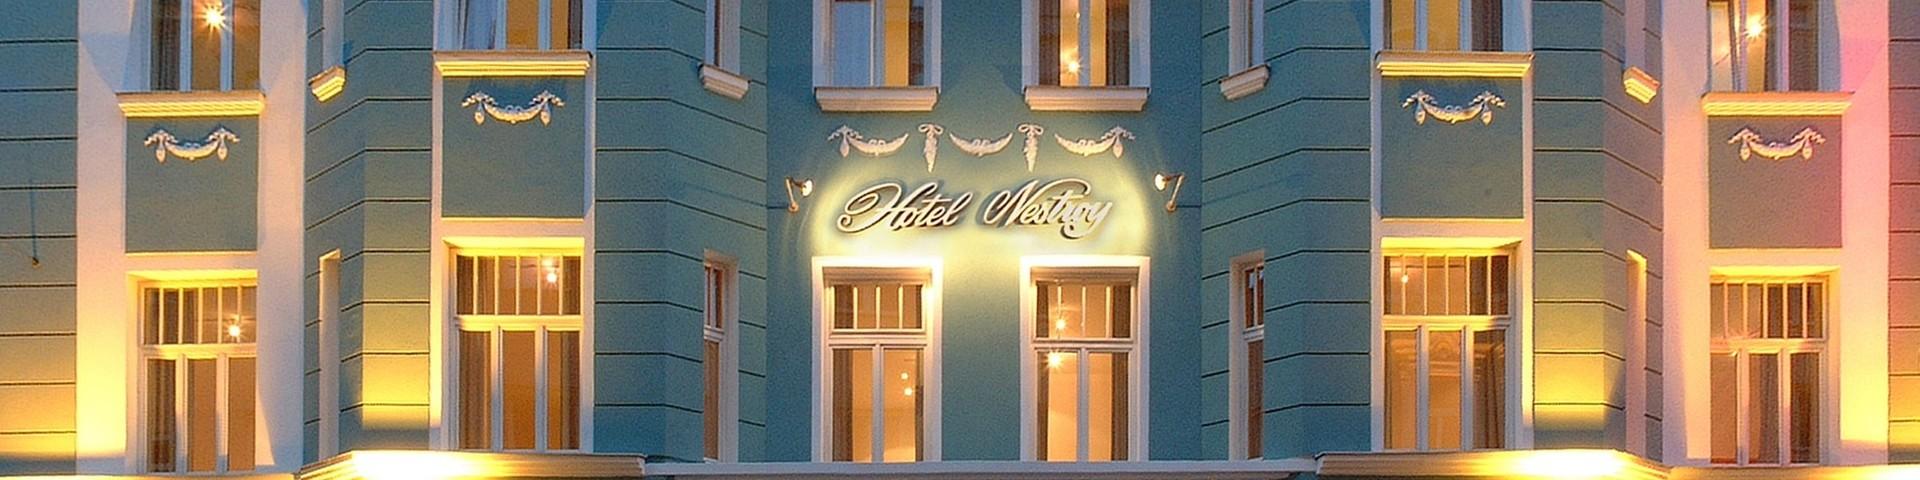 Hotel IMLAUER & Nestroy Wien - Fassade © IMLAUER Hotels & Restaurants